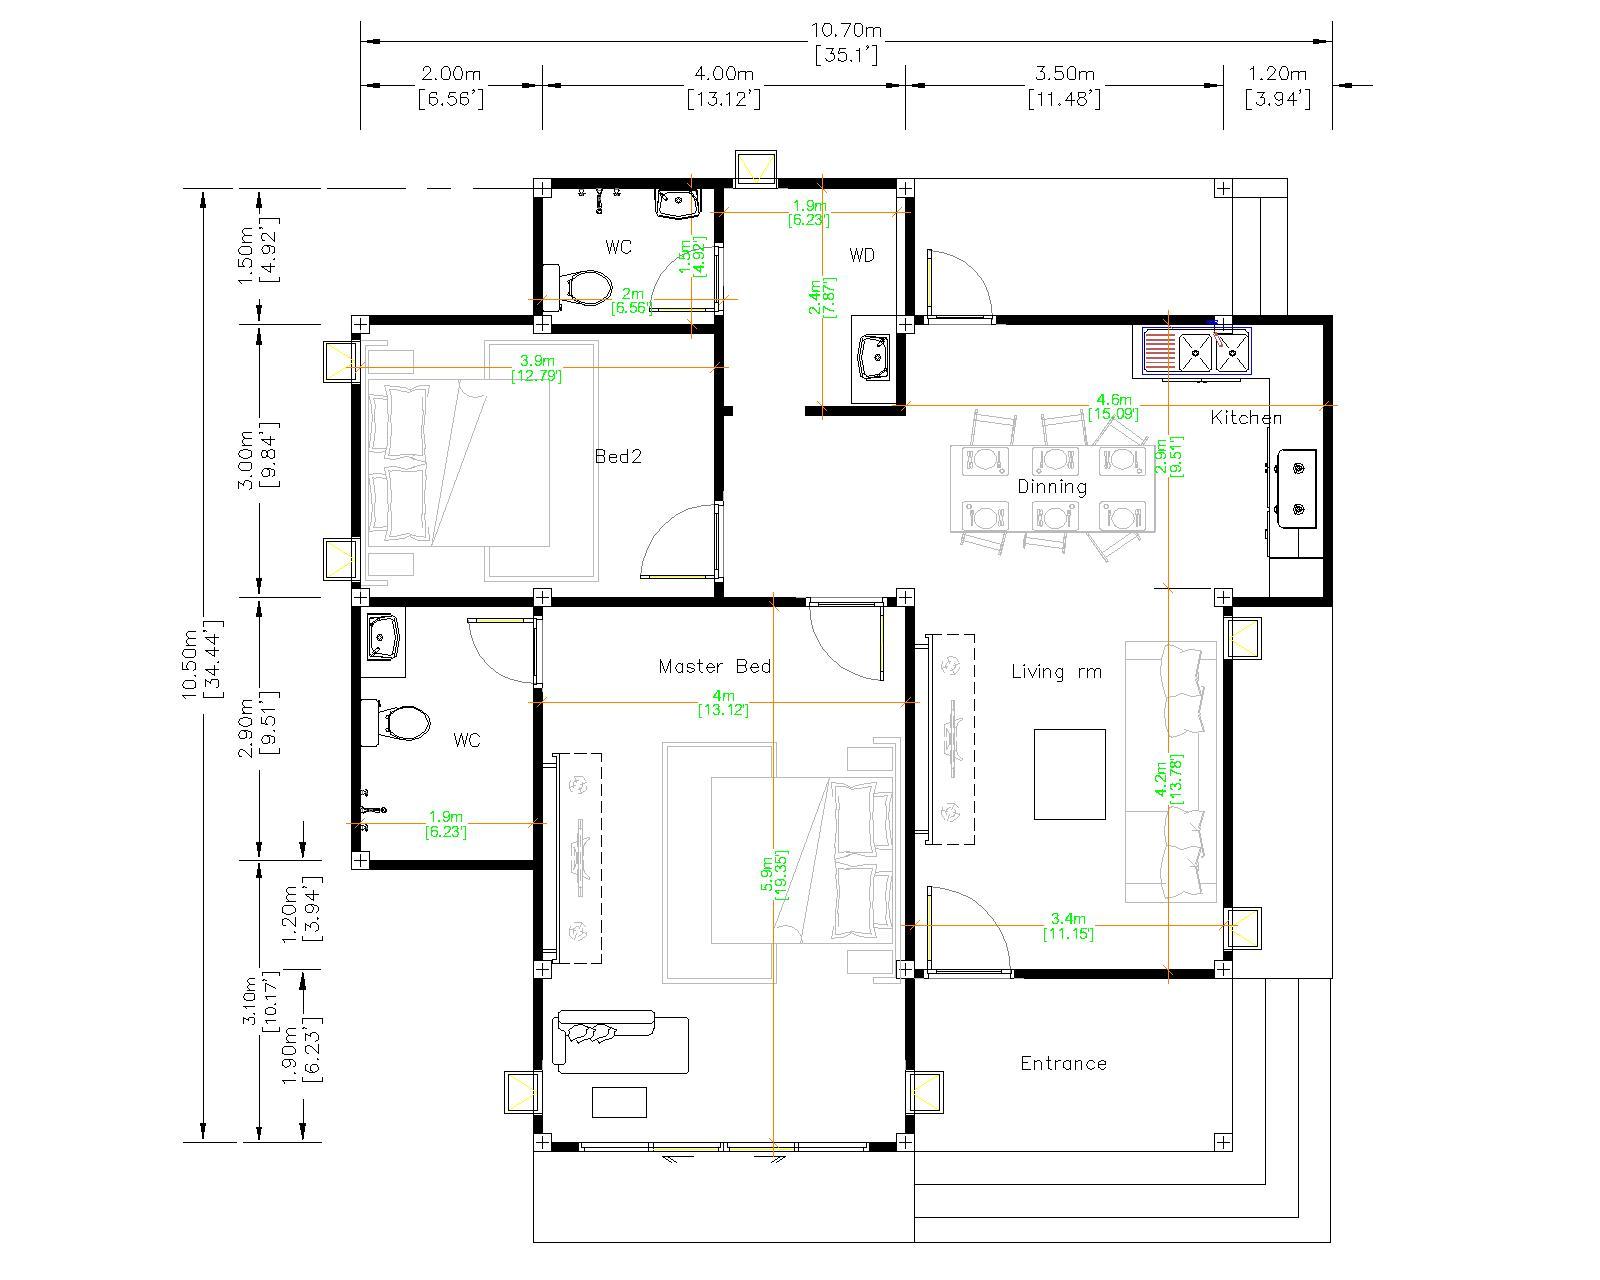 Small Dream House 10.7x10.5 Meter 35x34 Feet 2 Beds floor plan